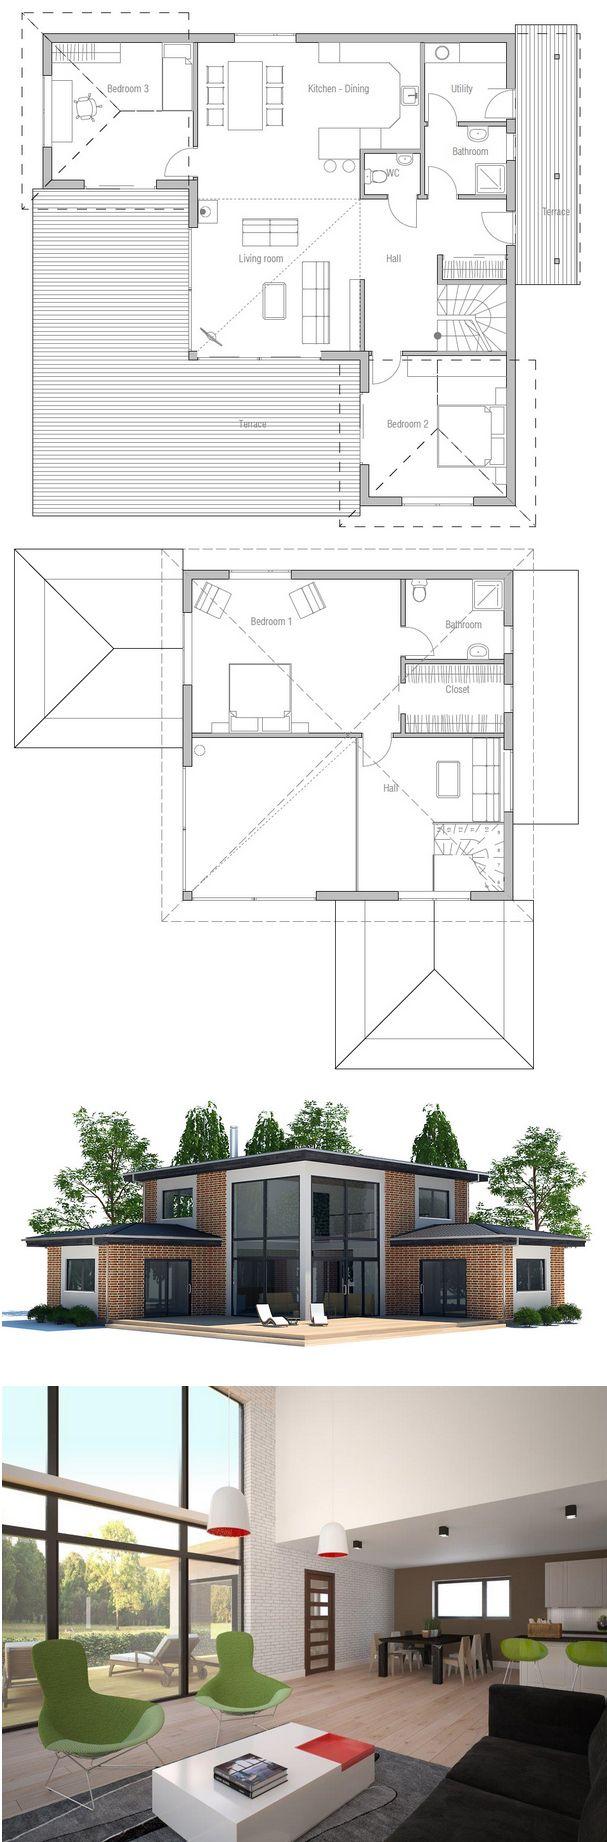 On garde juste le rez de chaussée en ajoutant une deuxième chambre enfant à la place d'une partie de la terrasse, et l'escalier peut mener à un sous sol semi enterré avec le garage et un atelier bricolage